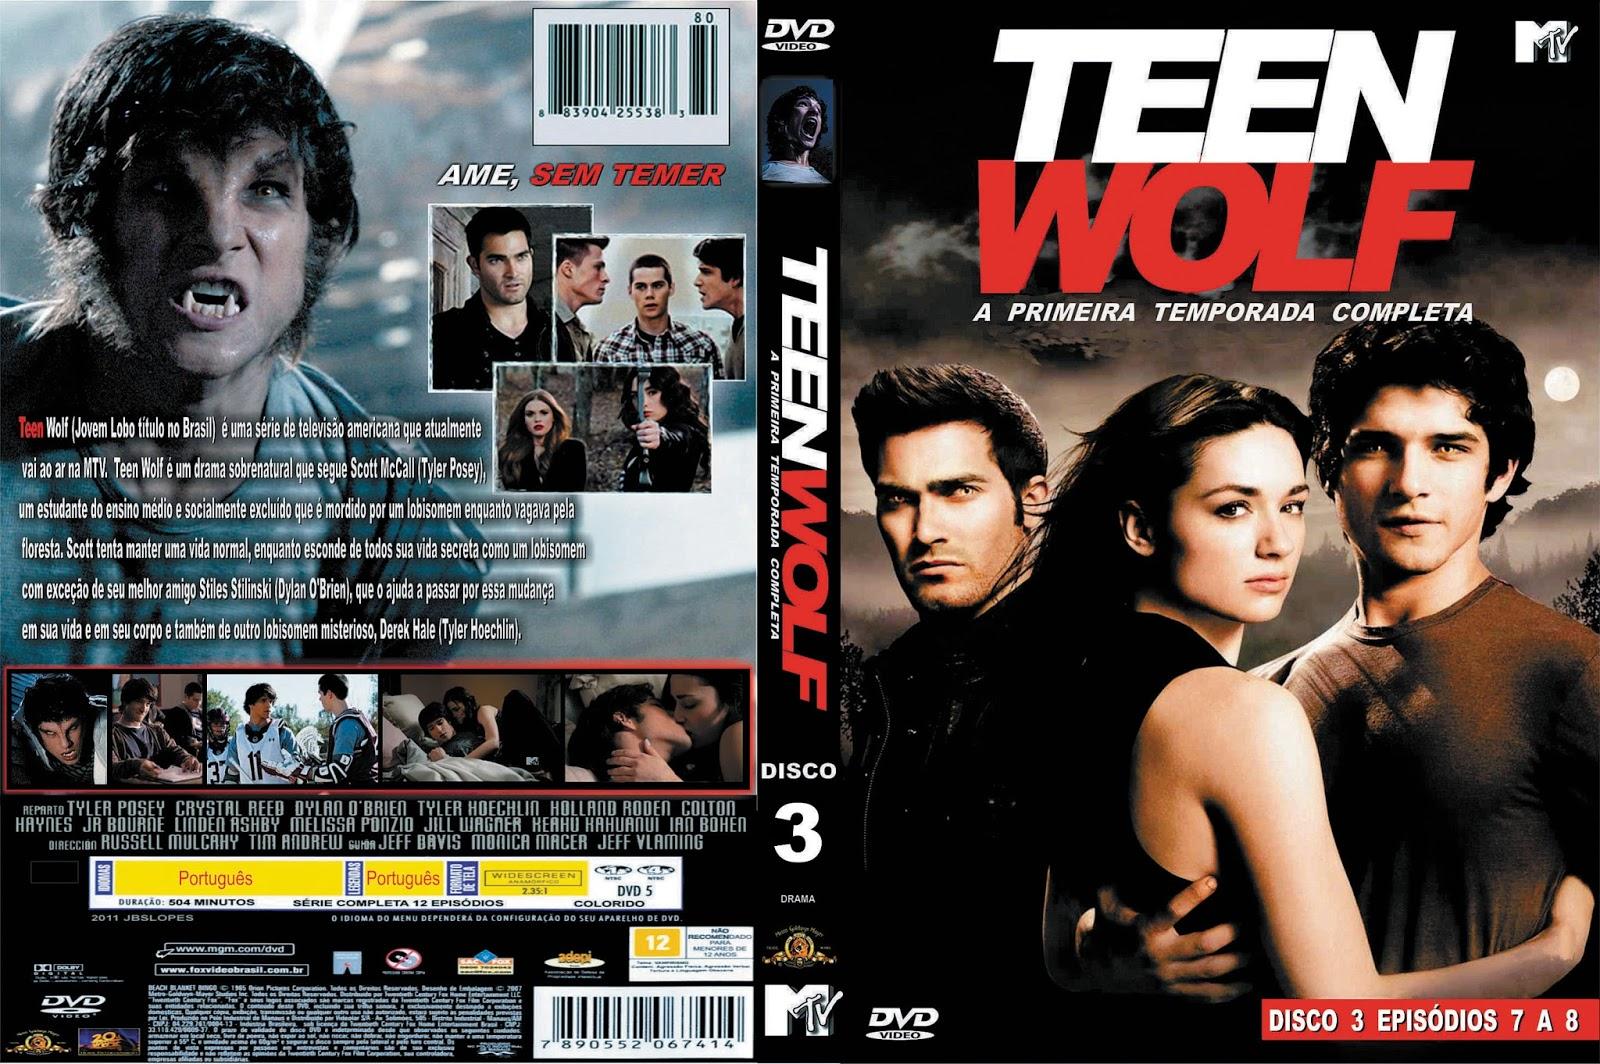 Teen wolf 2 temporada completa